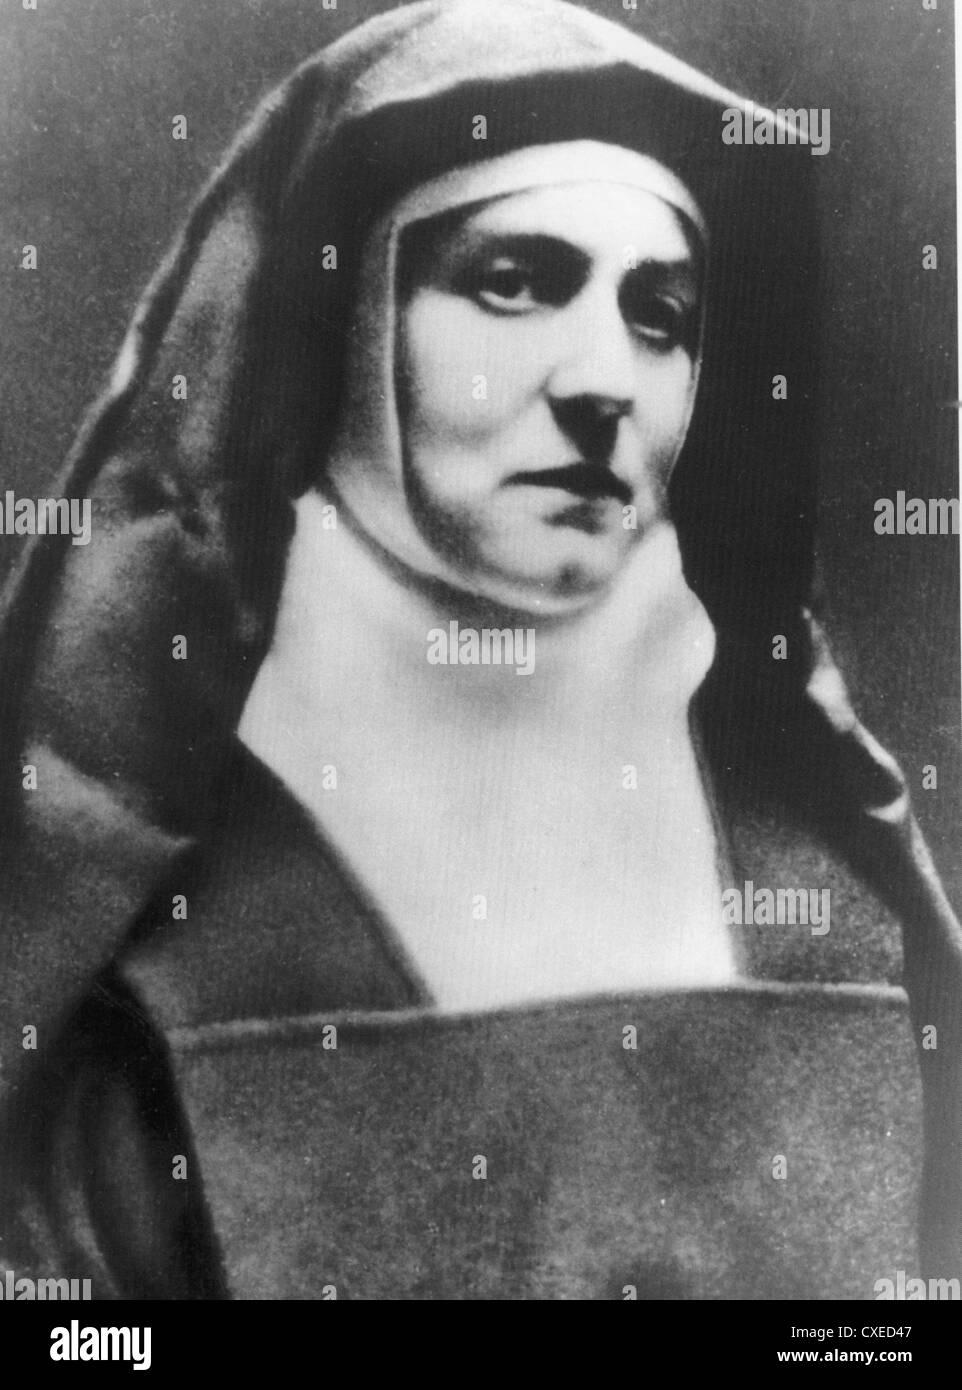 EDITH STEIN aka Heiligen Teresia Benedicta vom Kreuz (1891-1942) deutscher Geistlicher Philosoph und Märtyrer Stockbild